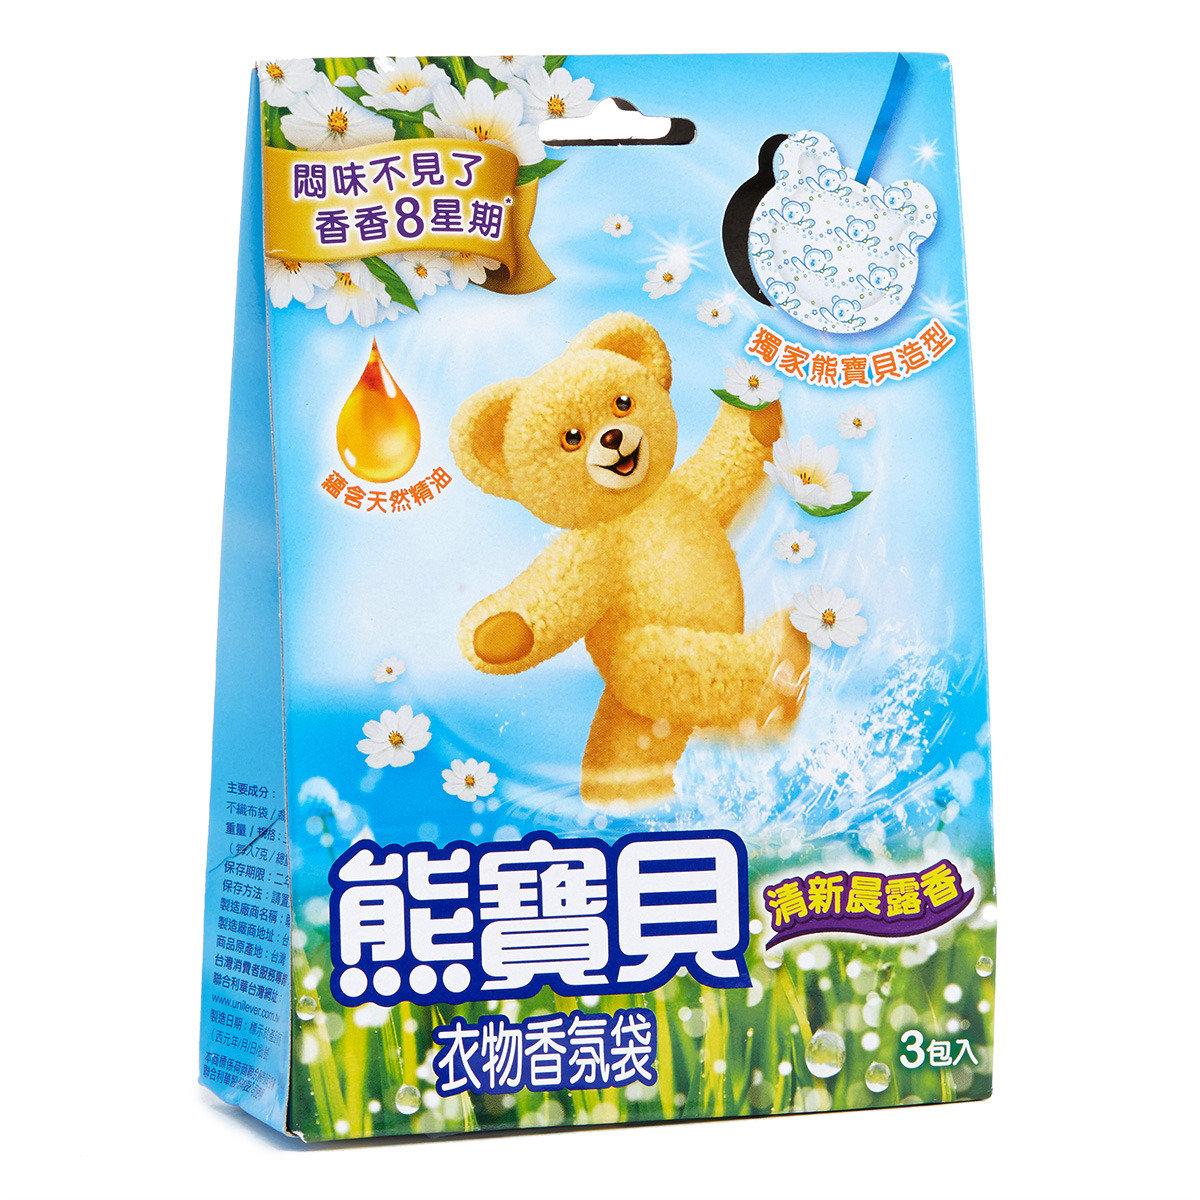 熊寶貝衣物香氛袋清新晨露香